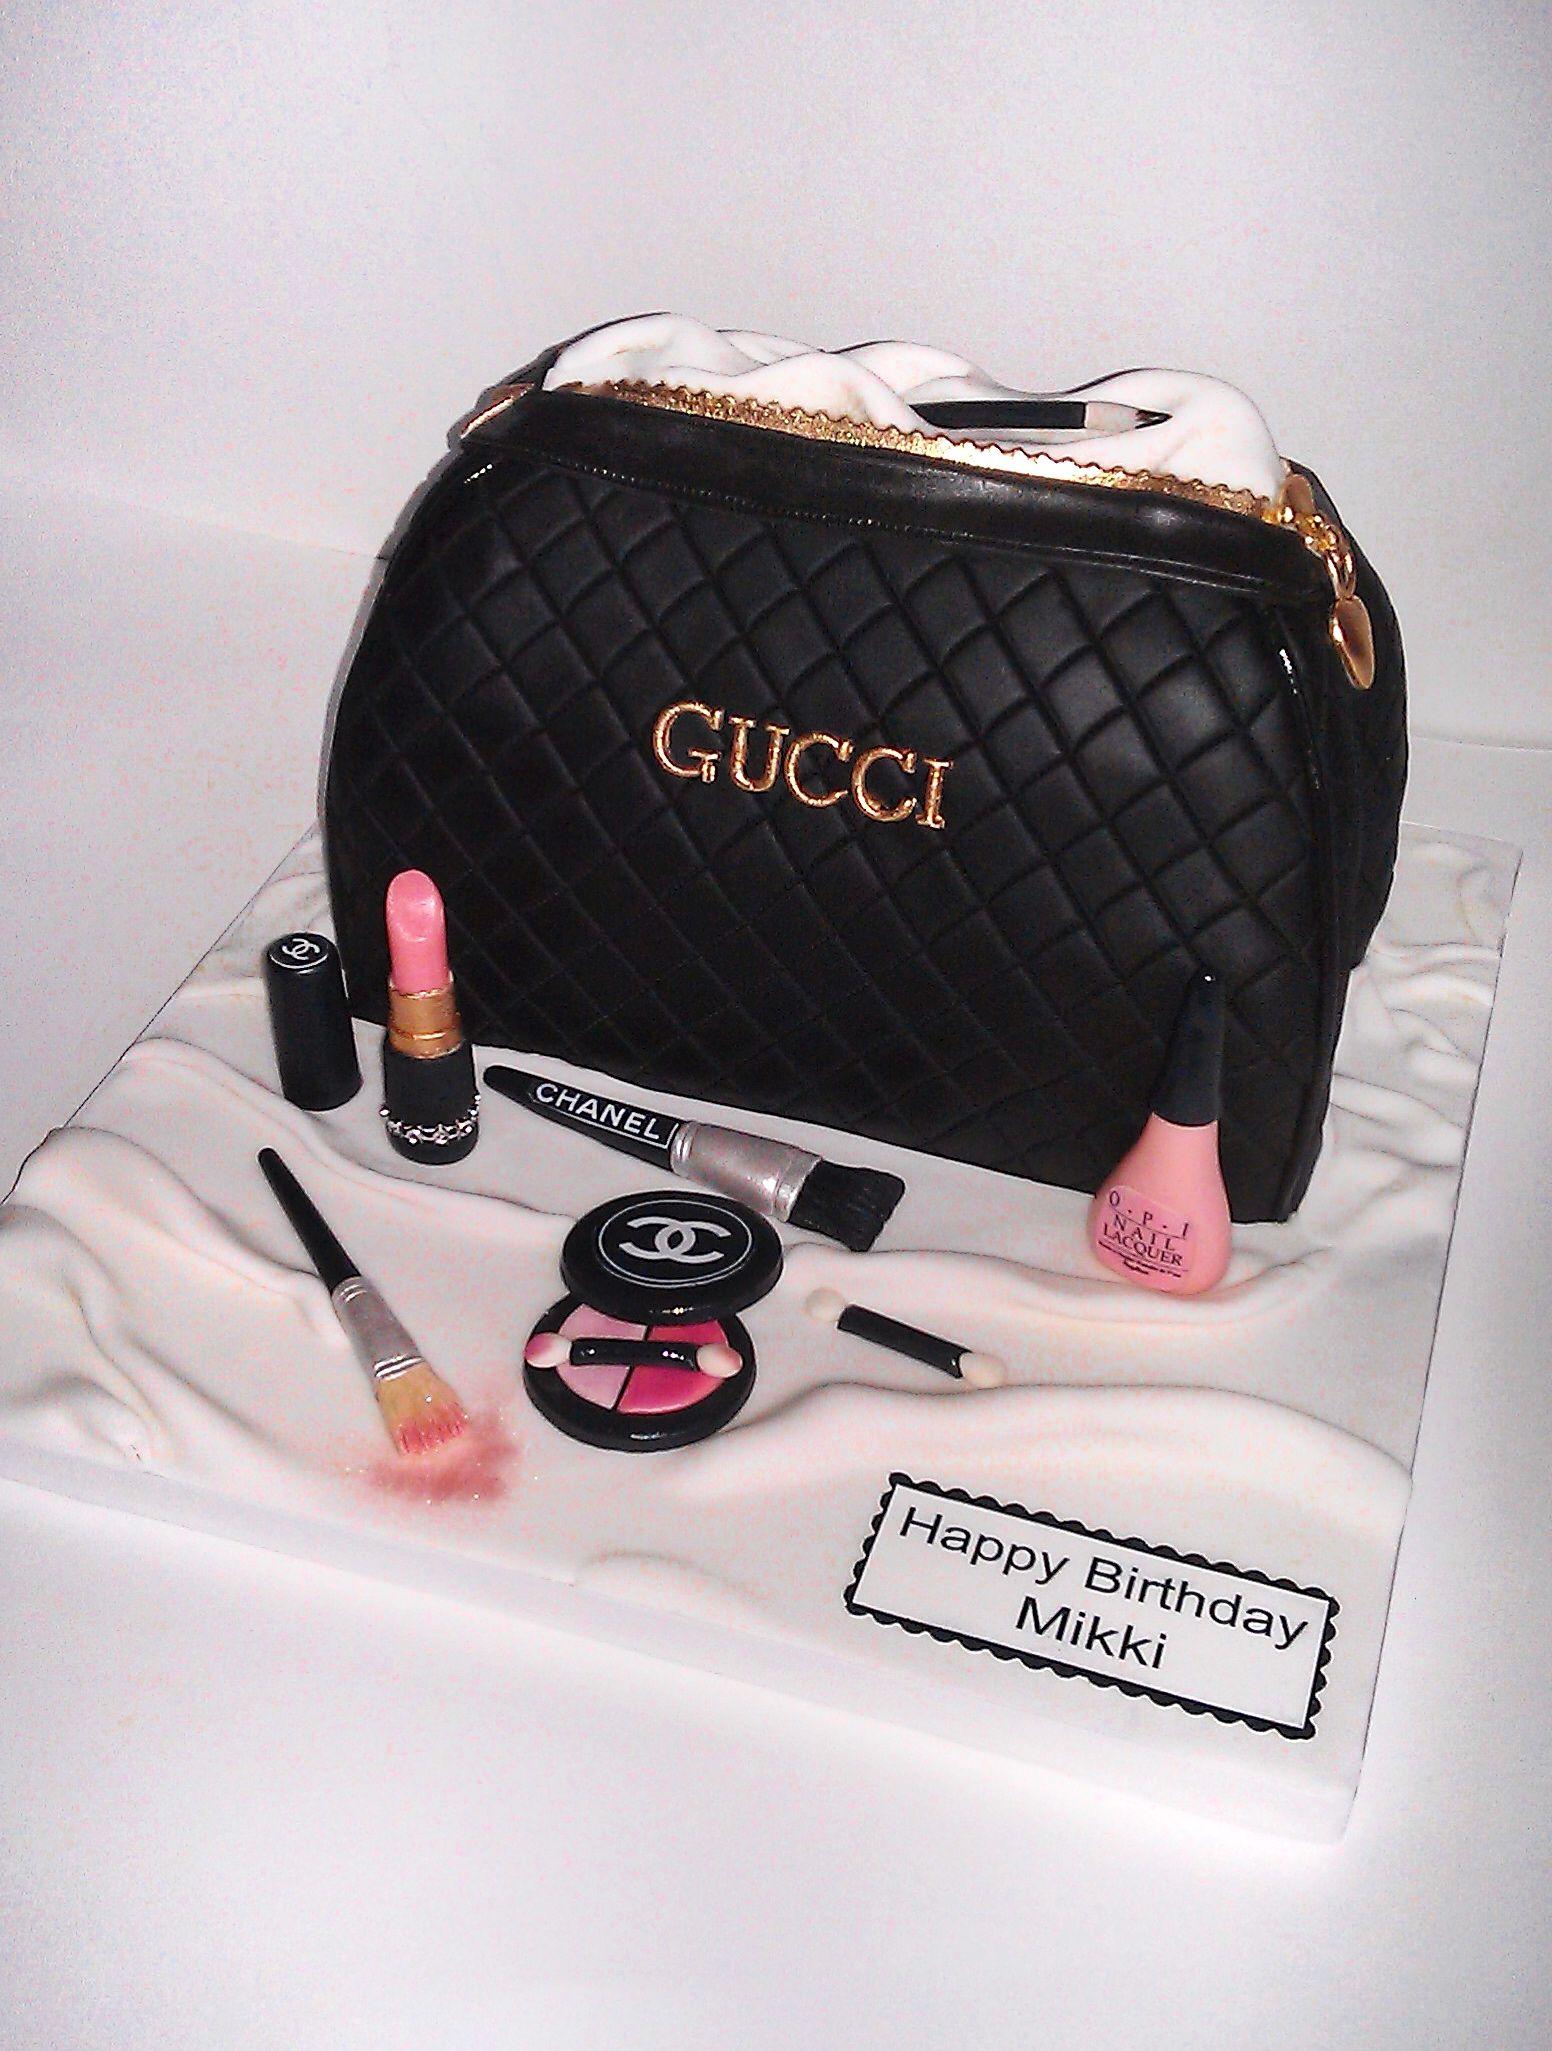 Gucci Makeup Bag Cake